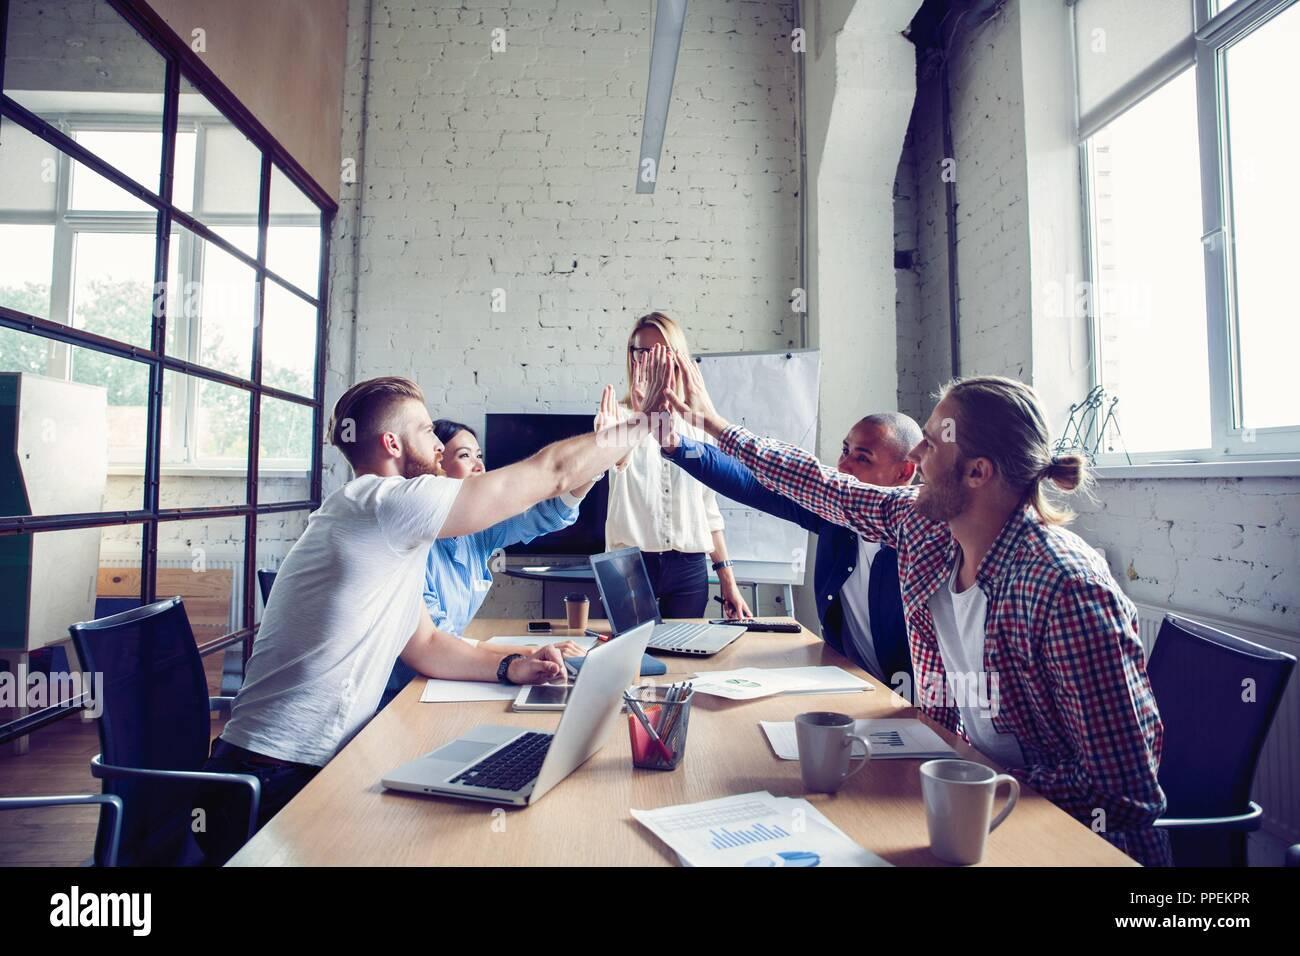 Gerne erfolgreiche multirassischen Business Team eine High Fives Geste, als sie lachen und ihren Erfolg feiern. Stockbild